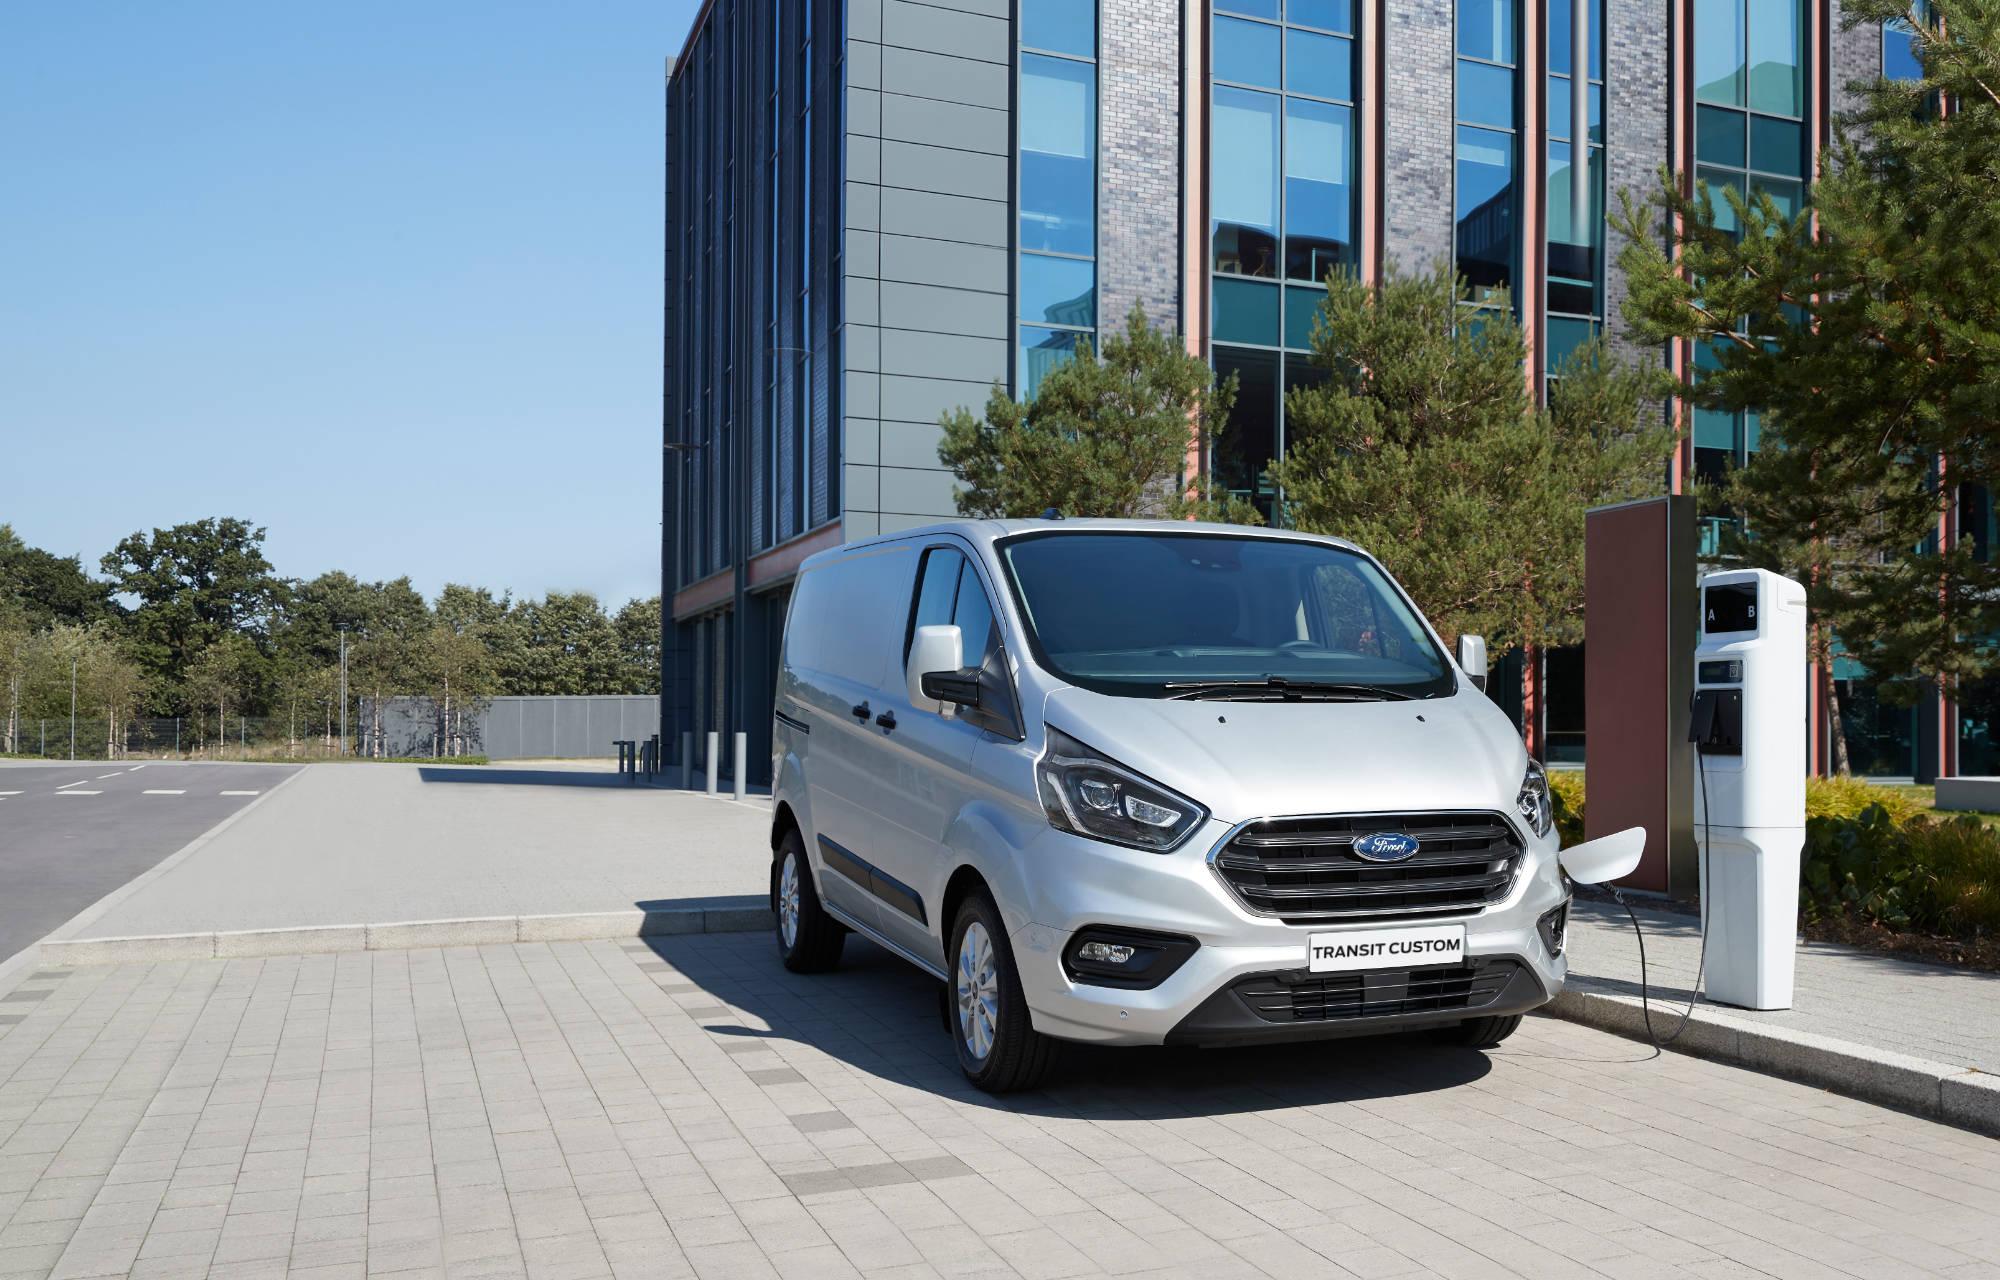 Ford Transit Custom Mild-Hybrid